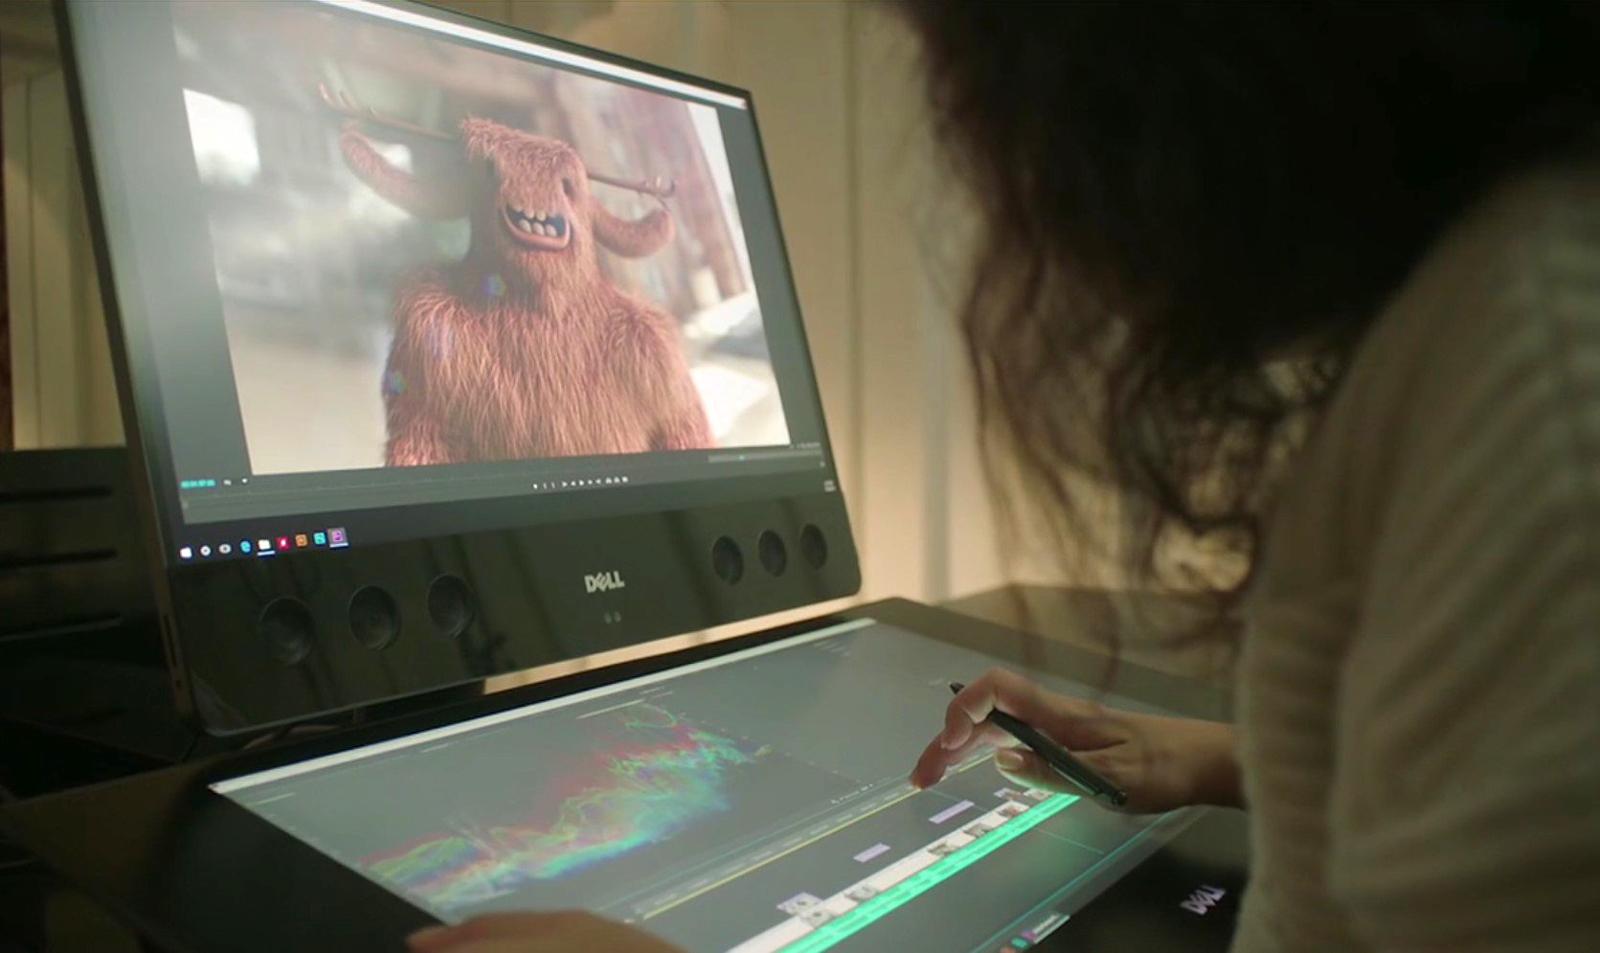 戴尔也在打造「创意」型 AIO 电脑